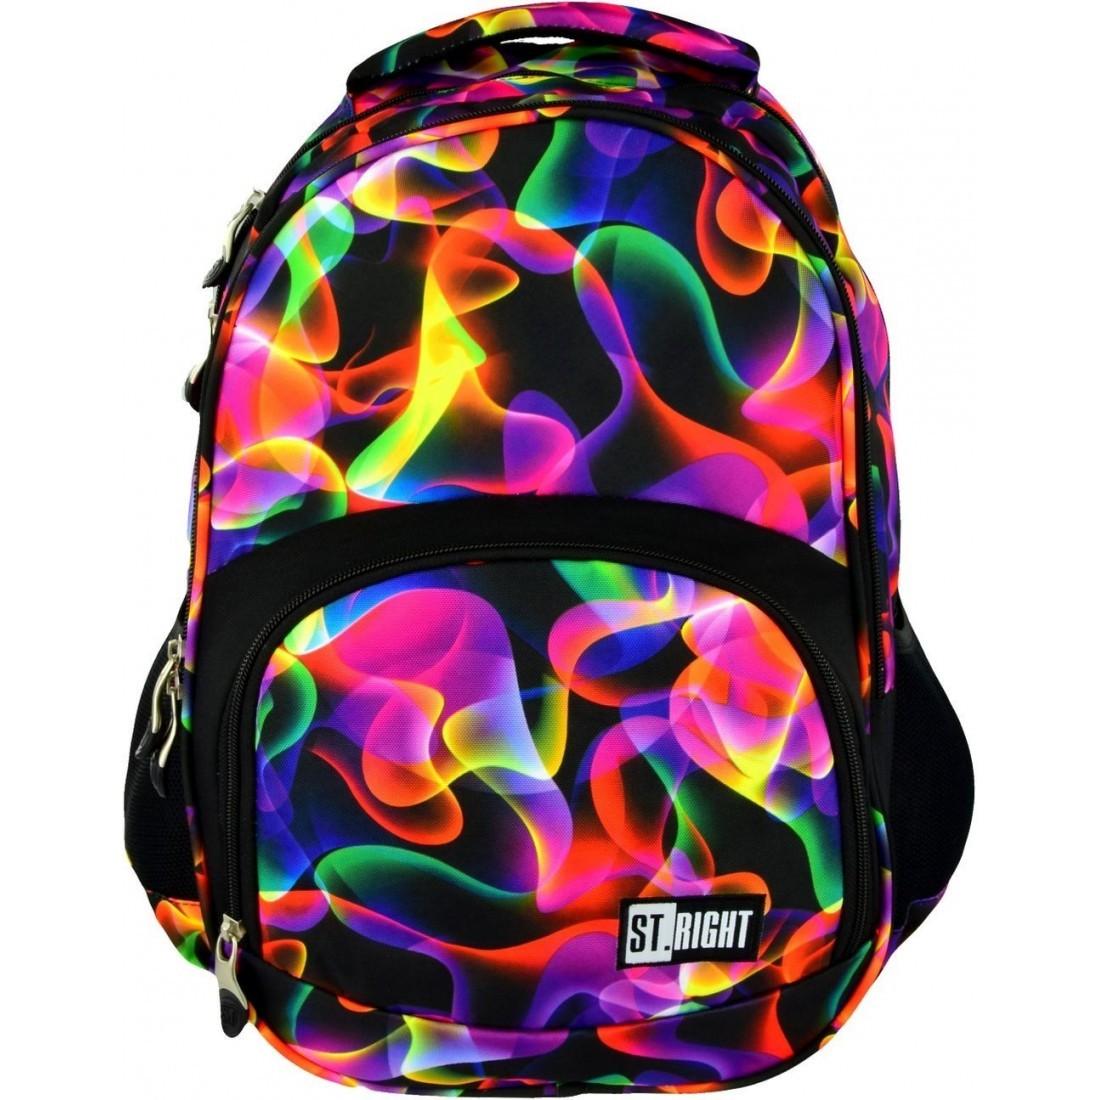 e059d7e6b174c Wybierz superlekkii wygodny plecak szkolny ST.RIGHT i ciesz się  udogodnieniami jakie Ci proponuje!